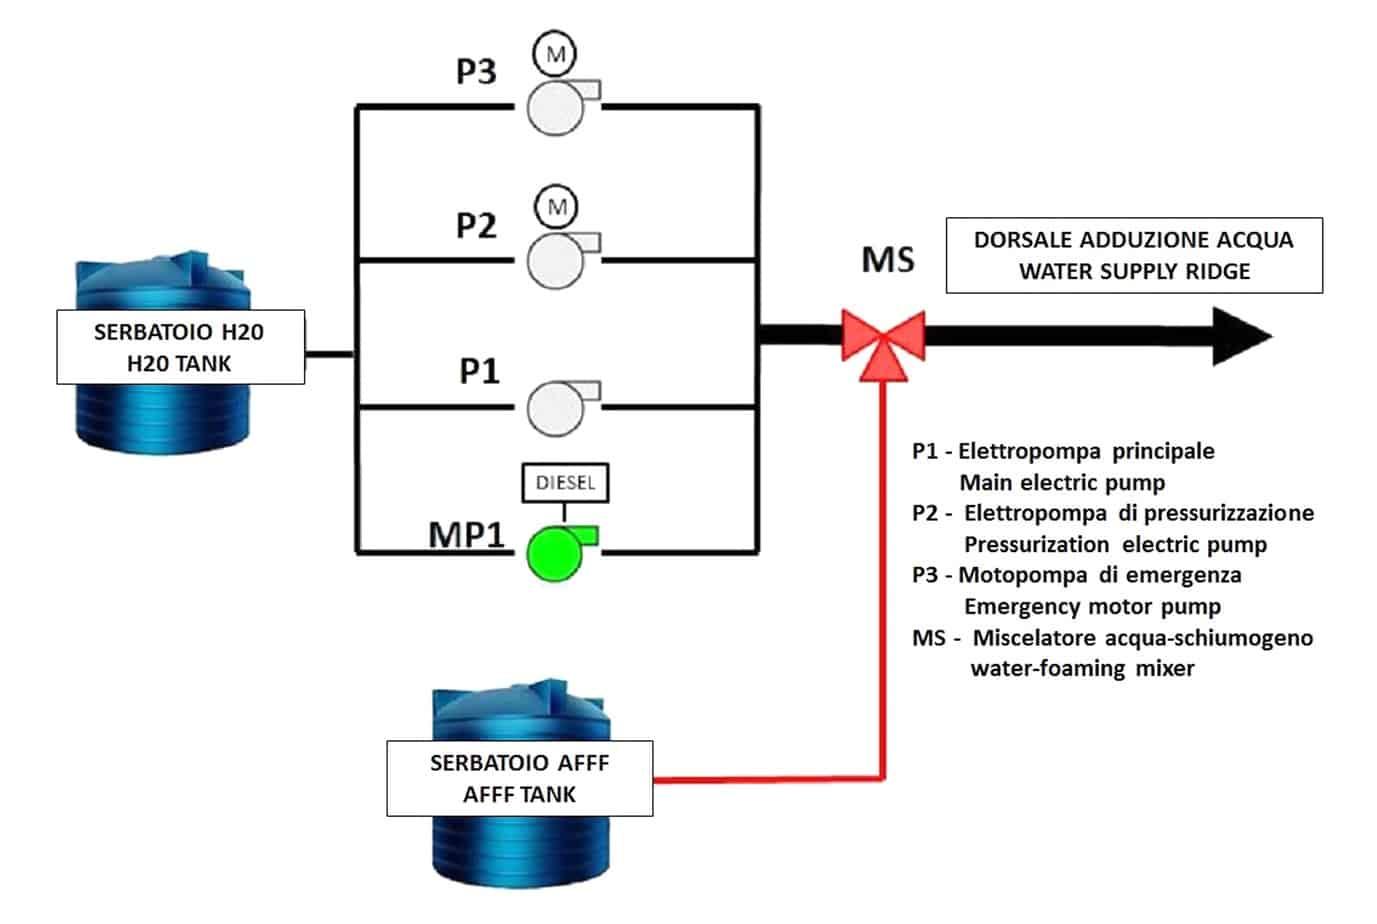 Lo schema di distribuzione dell'acqua